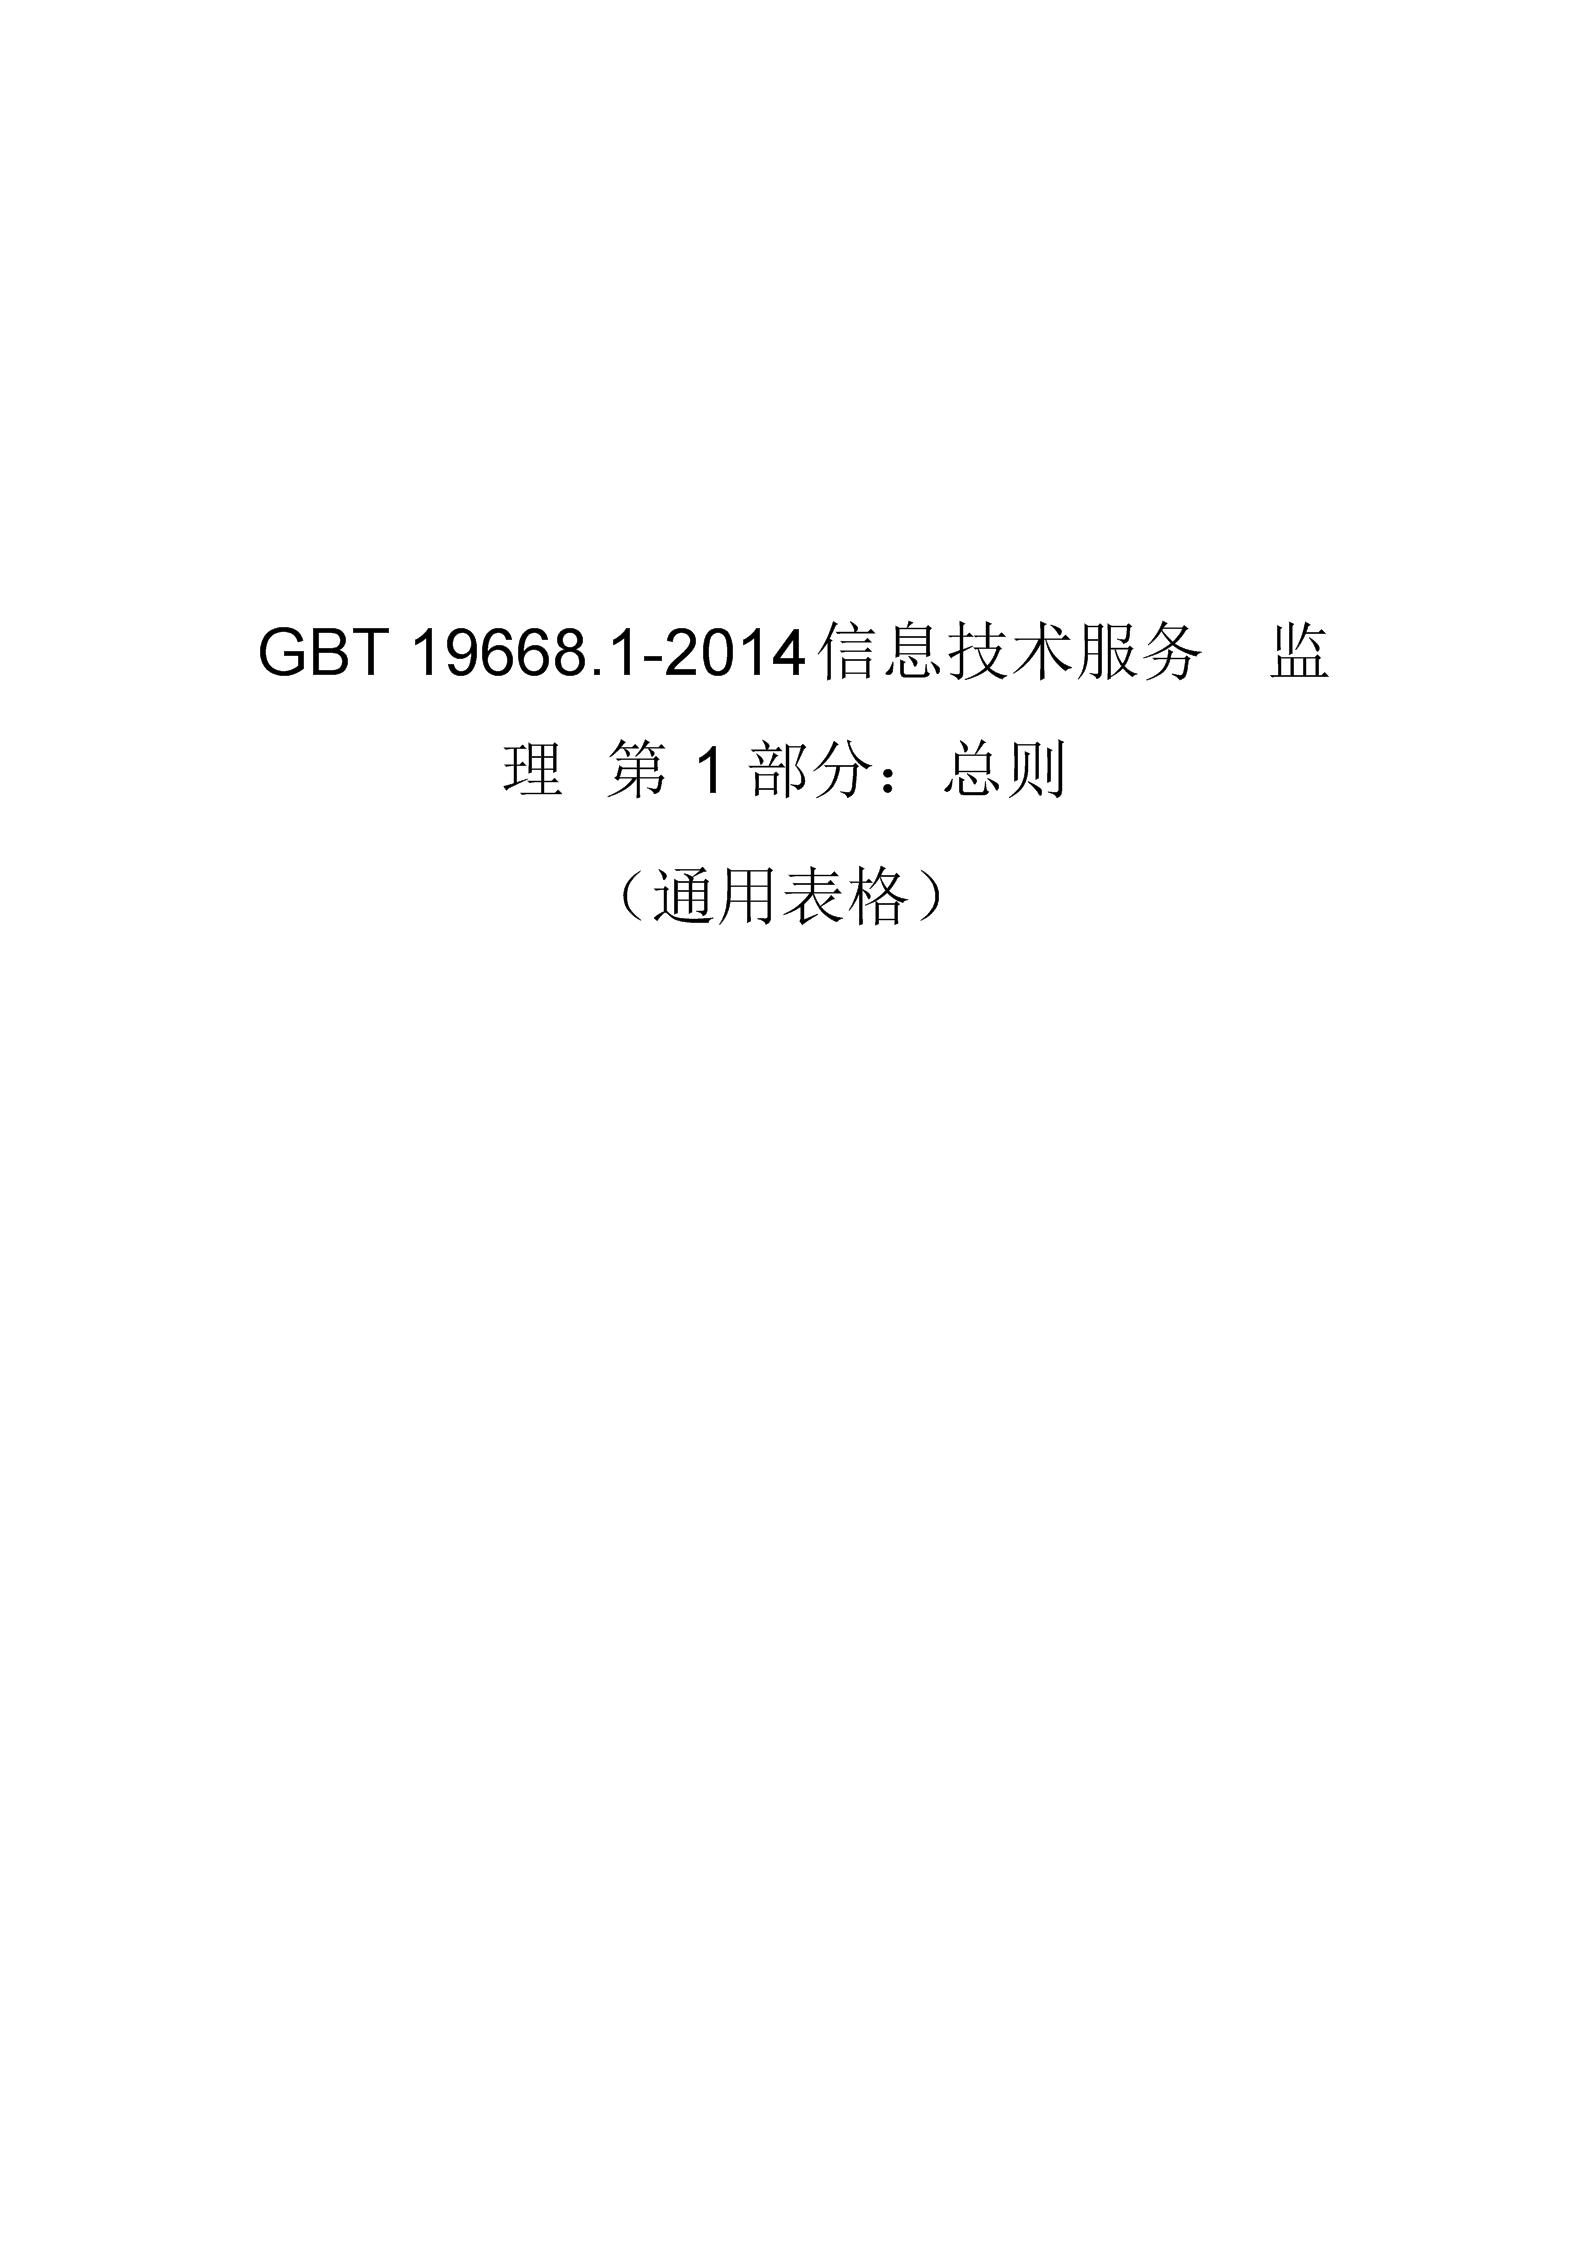 GBT19668信息技术服务监理用表WORD版.docx